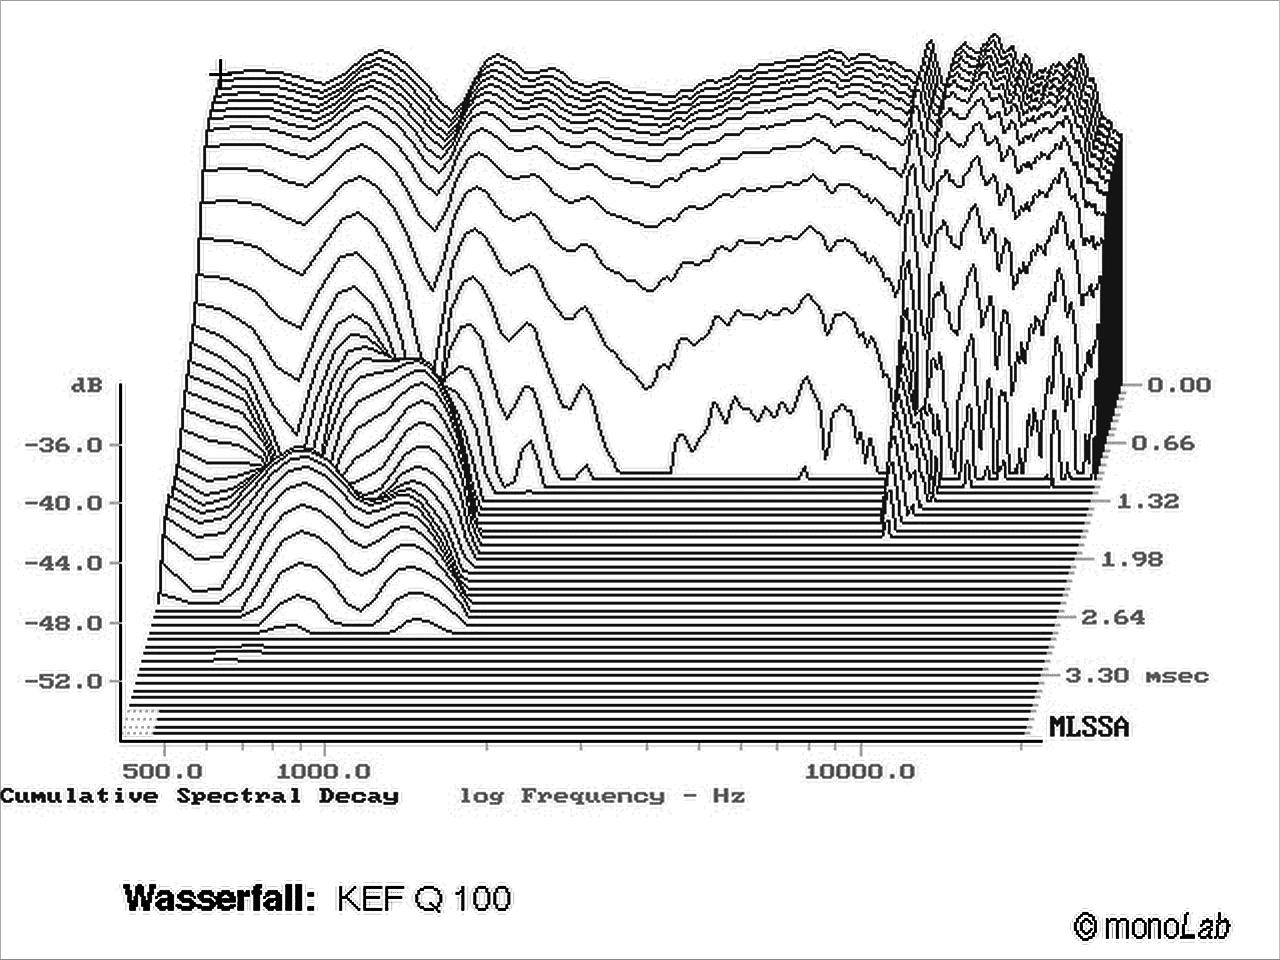 KEF_Q_100_Wasserfall-x2.png